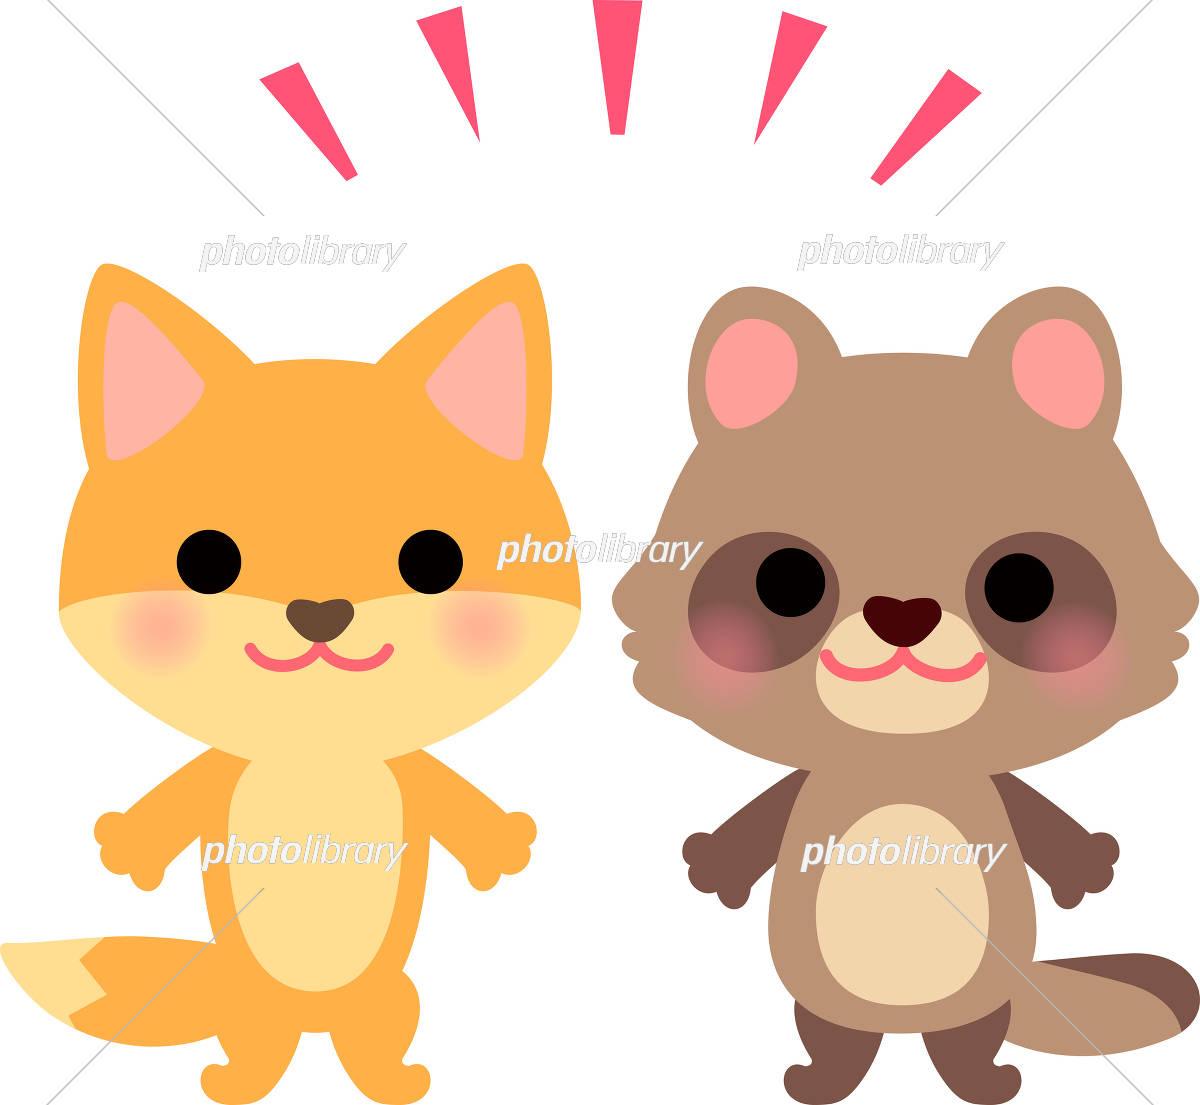 キツネとタヌキのキャラクター イラスト素材 6086907